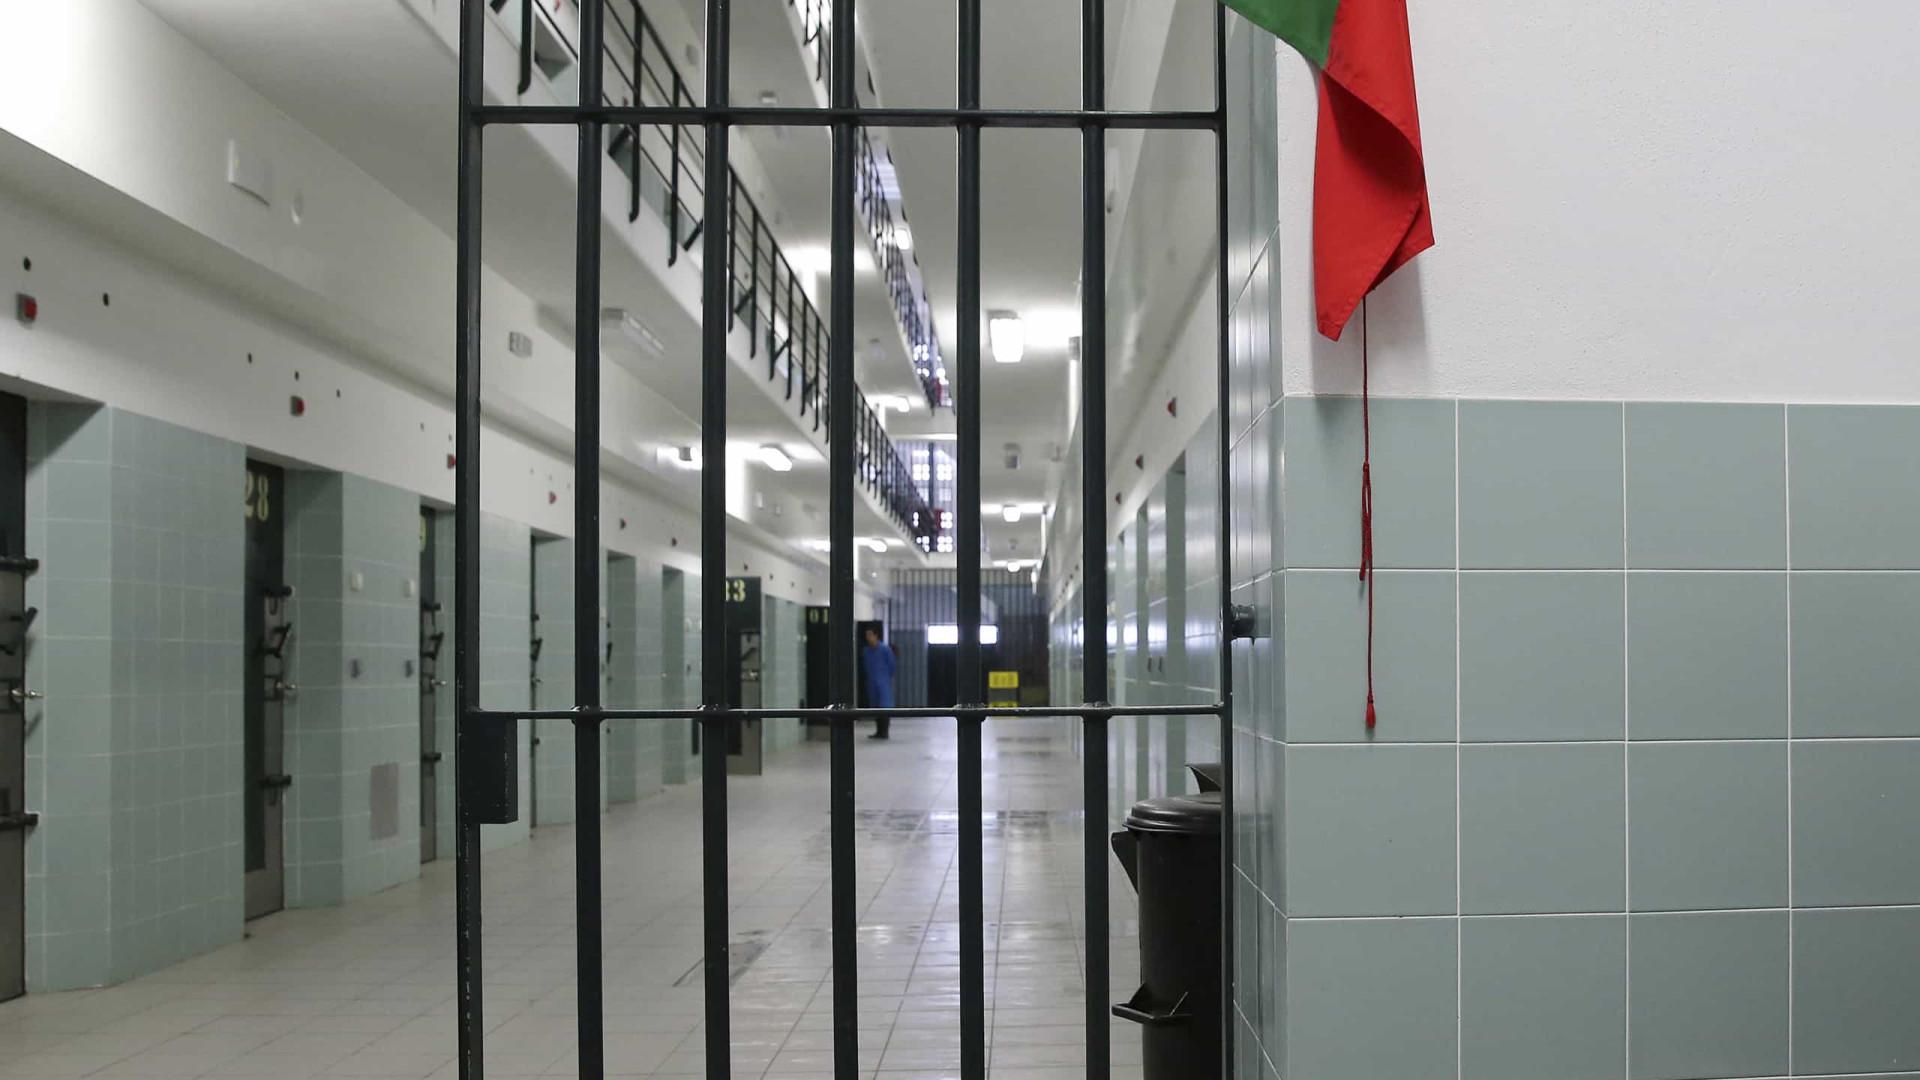 Quartos para visitas íntimas em 18 das 49 prisões portuguesas